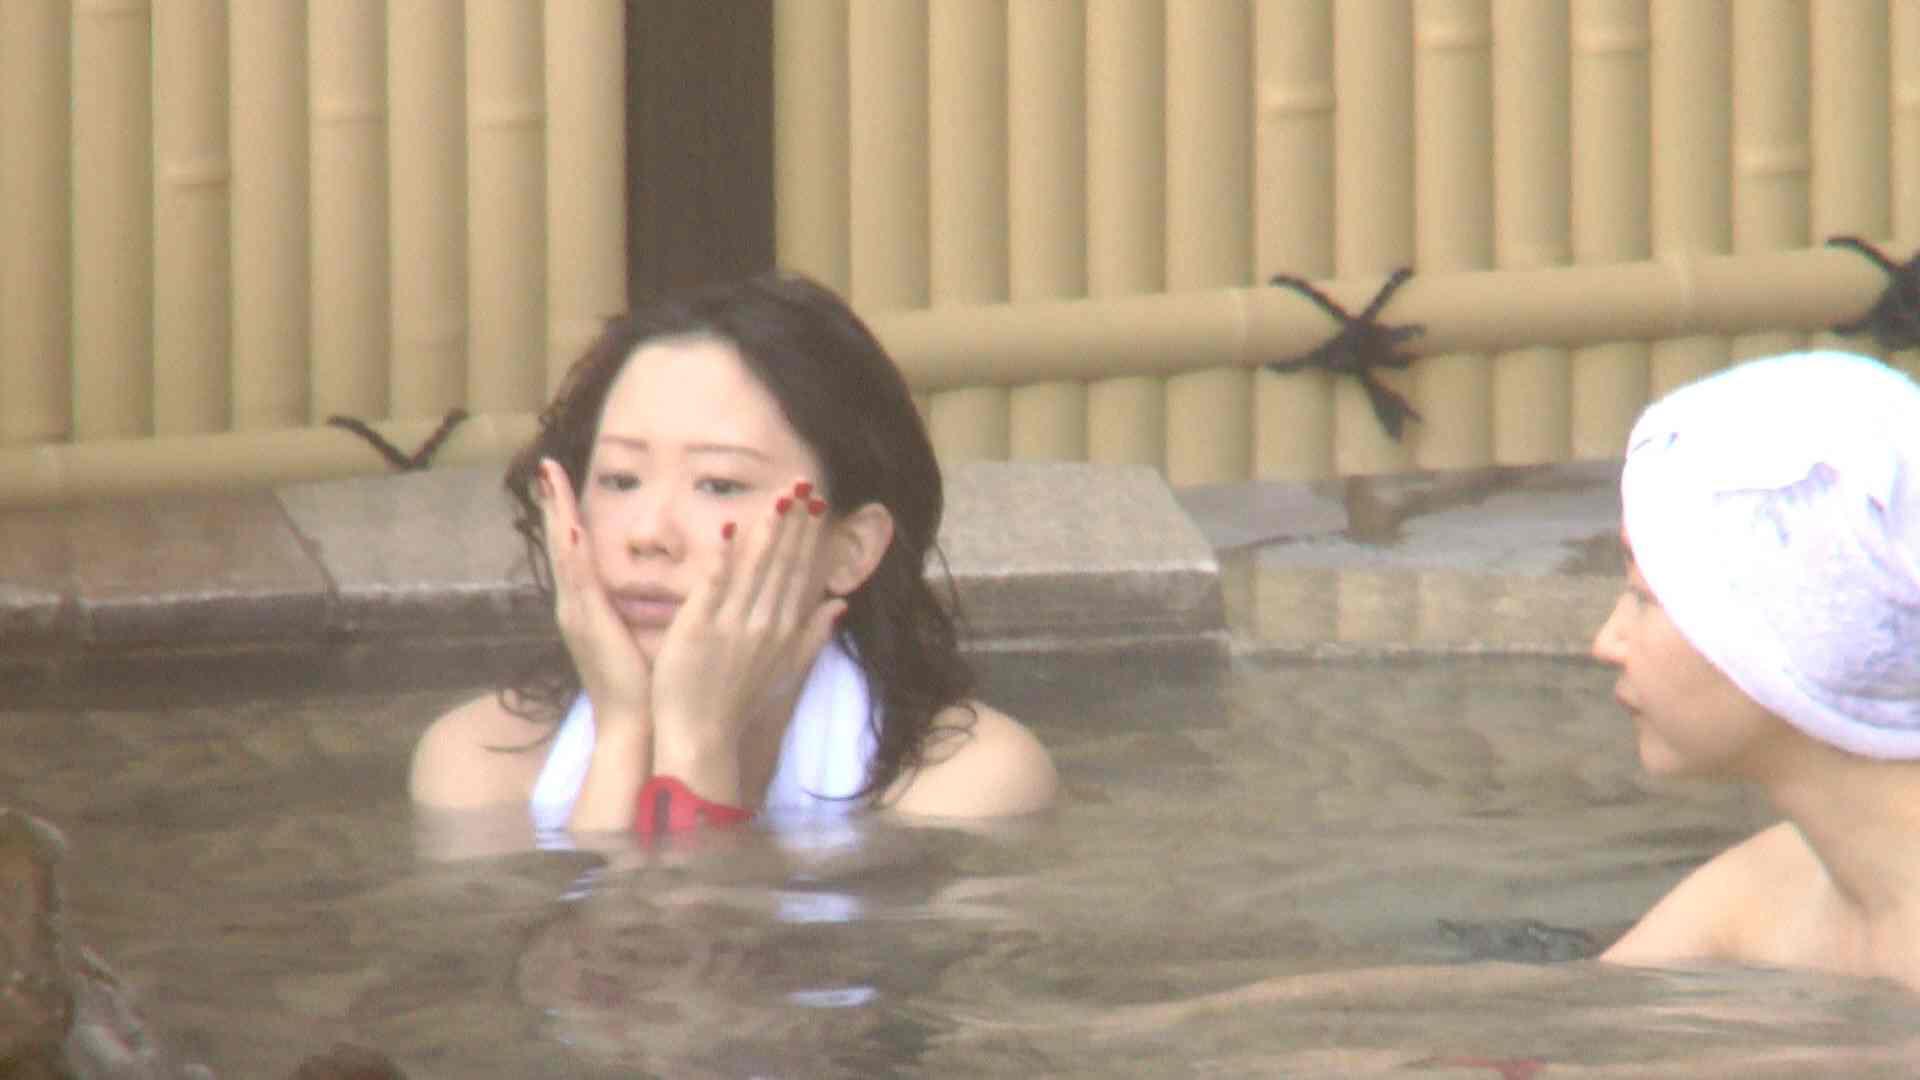 Aquaな露天風呂Vol.211 盗撮 オメコ動画キャプチャ 91連発 2